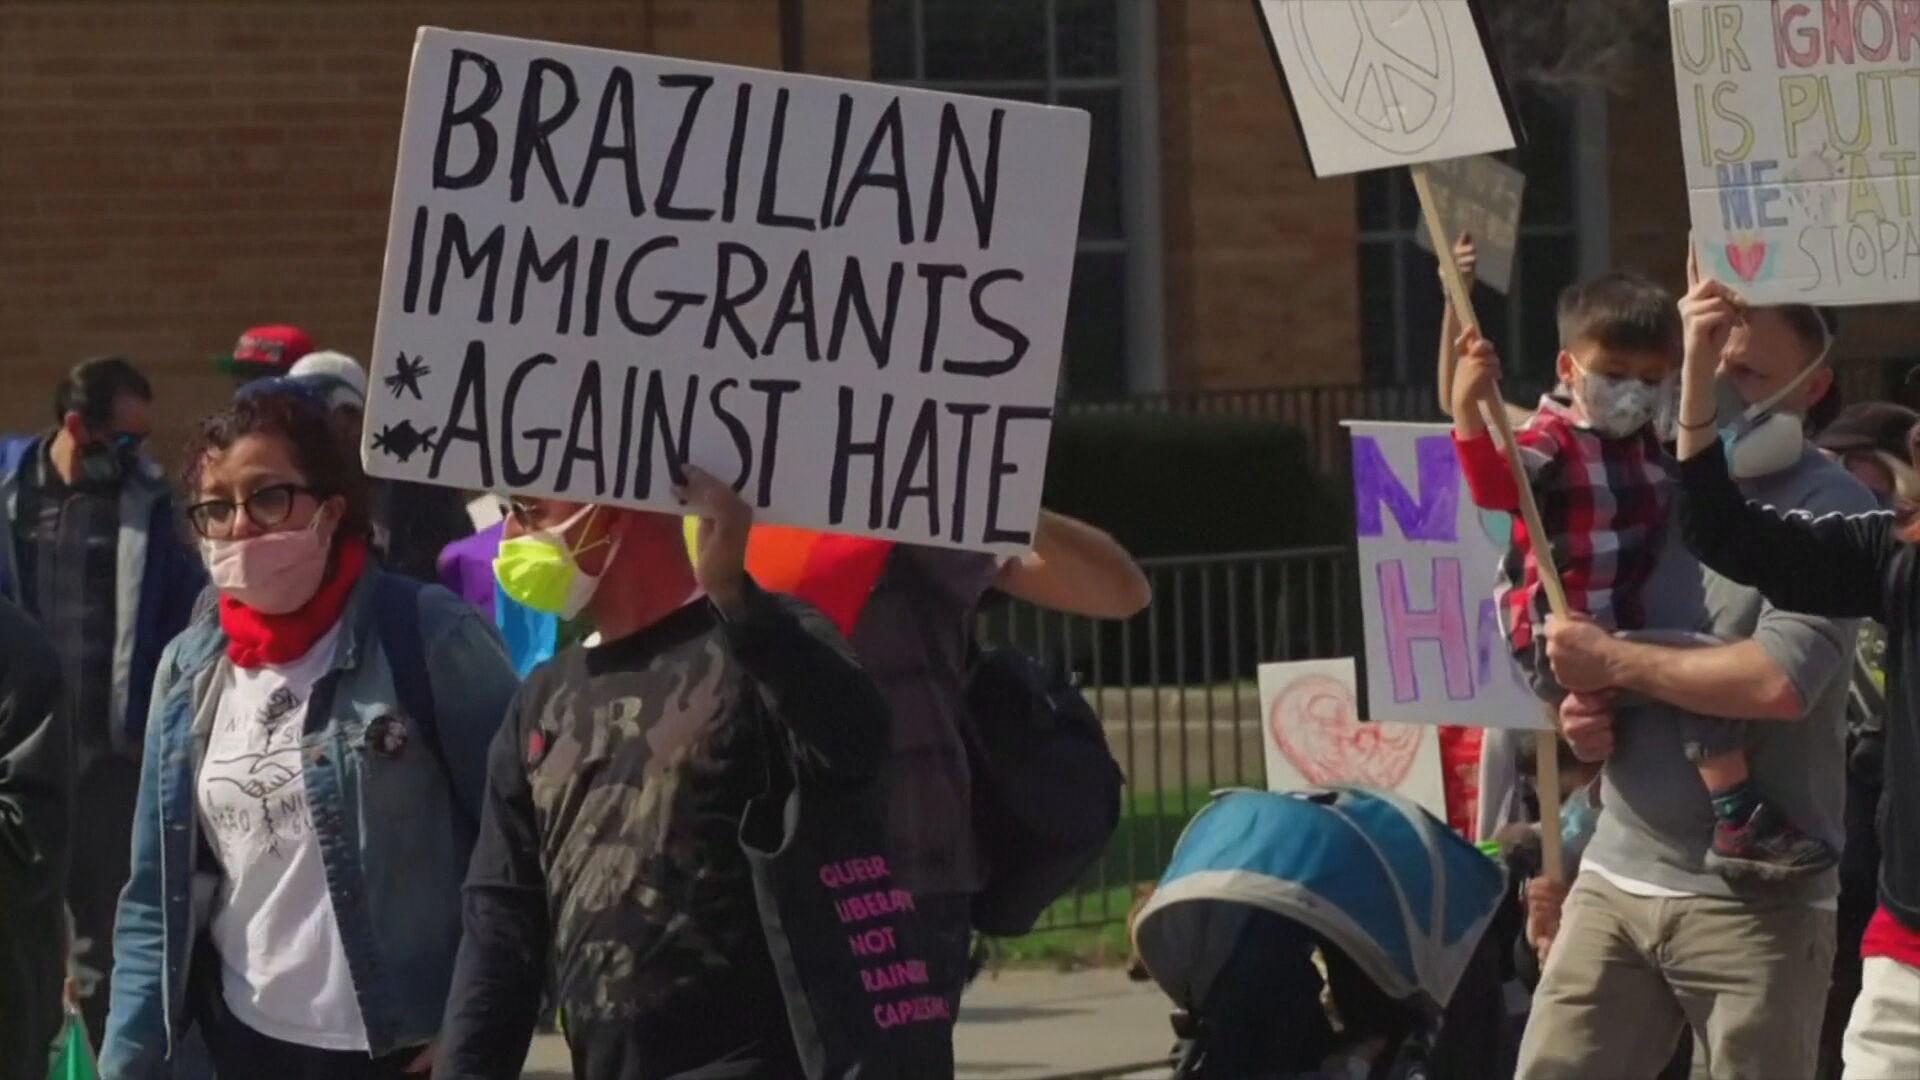 Brasileiros em protesto contra o preconceito aos asiáticos nos EUA